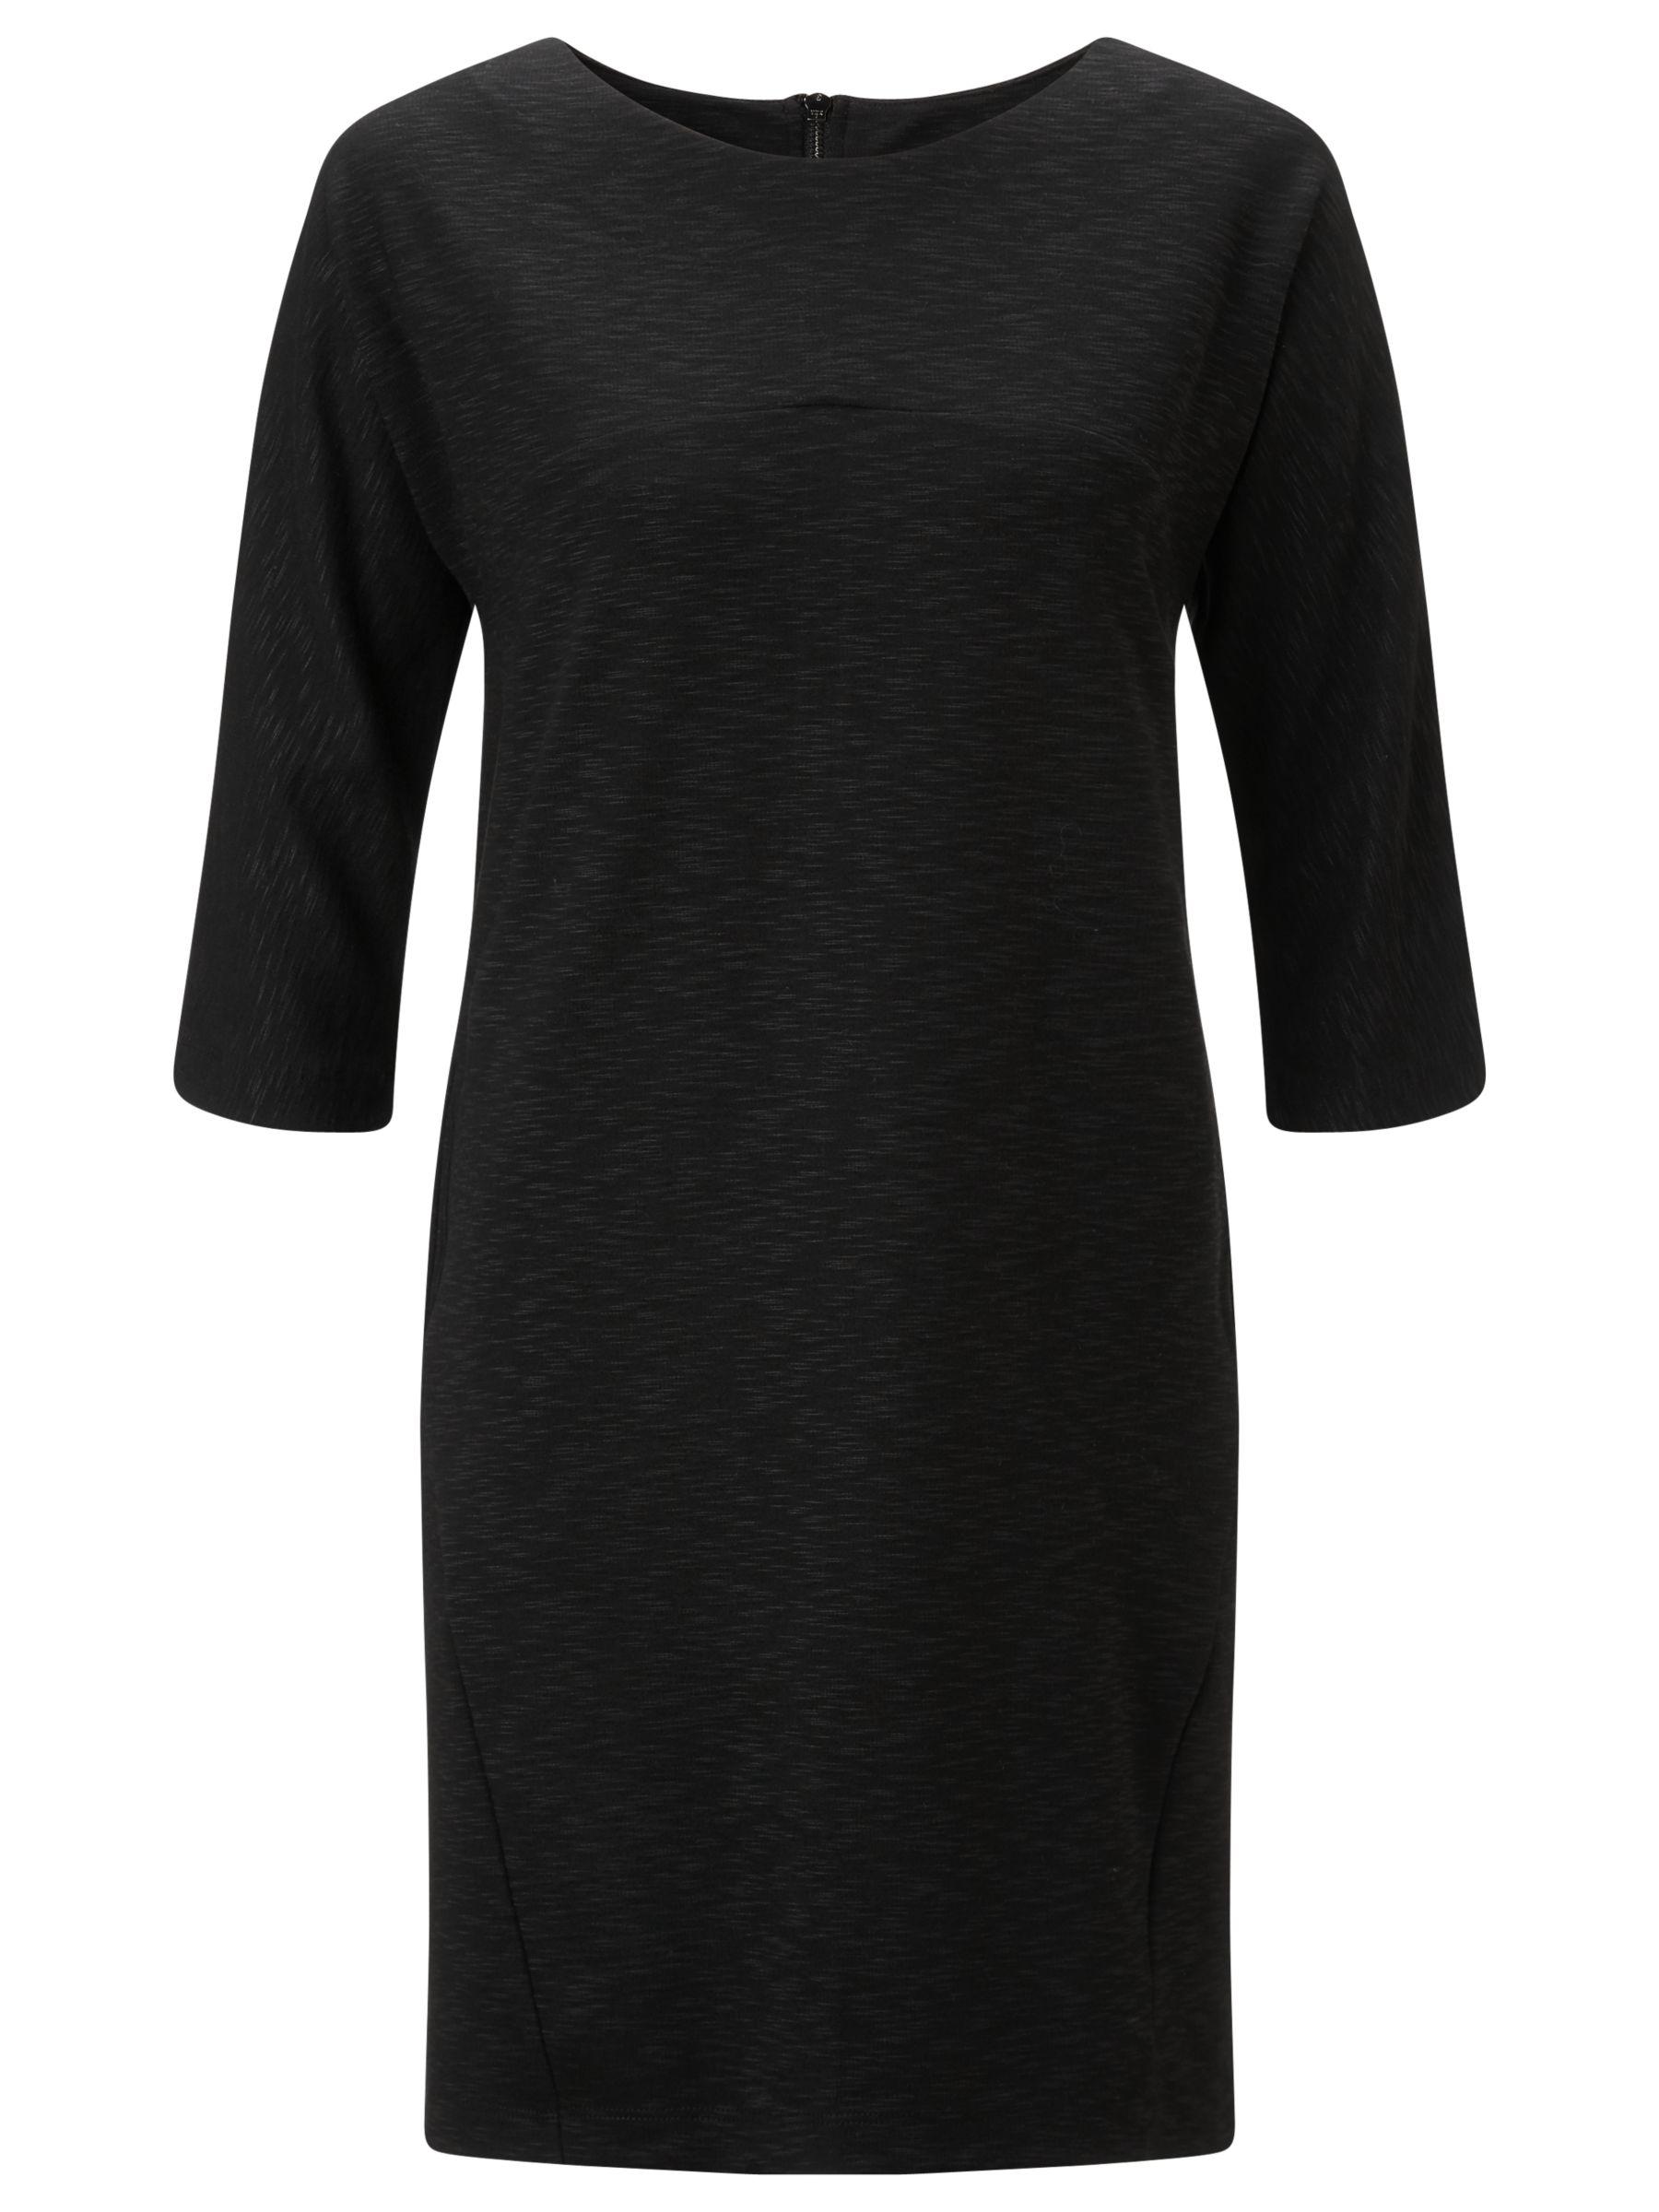 kin by john lewis 3/4 sleeve cocoon dress, kin, john, lewis, 3/4, sleeve, cocoon, dress, kin by john lewis, grey|grey|grey|grey|black|black|grey|black|black|black|black|grey, 12|10|18|16|12|16|14|14|18|10|8|8, shop by brand, women, brands a-k, womens dresses, 1831311